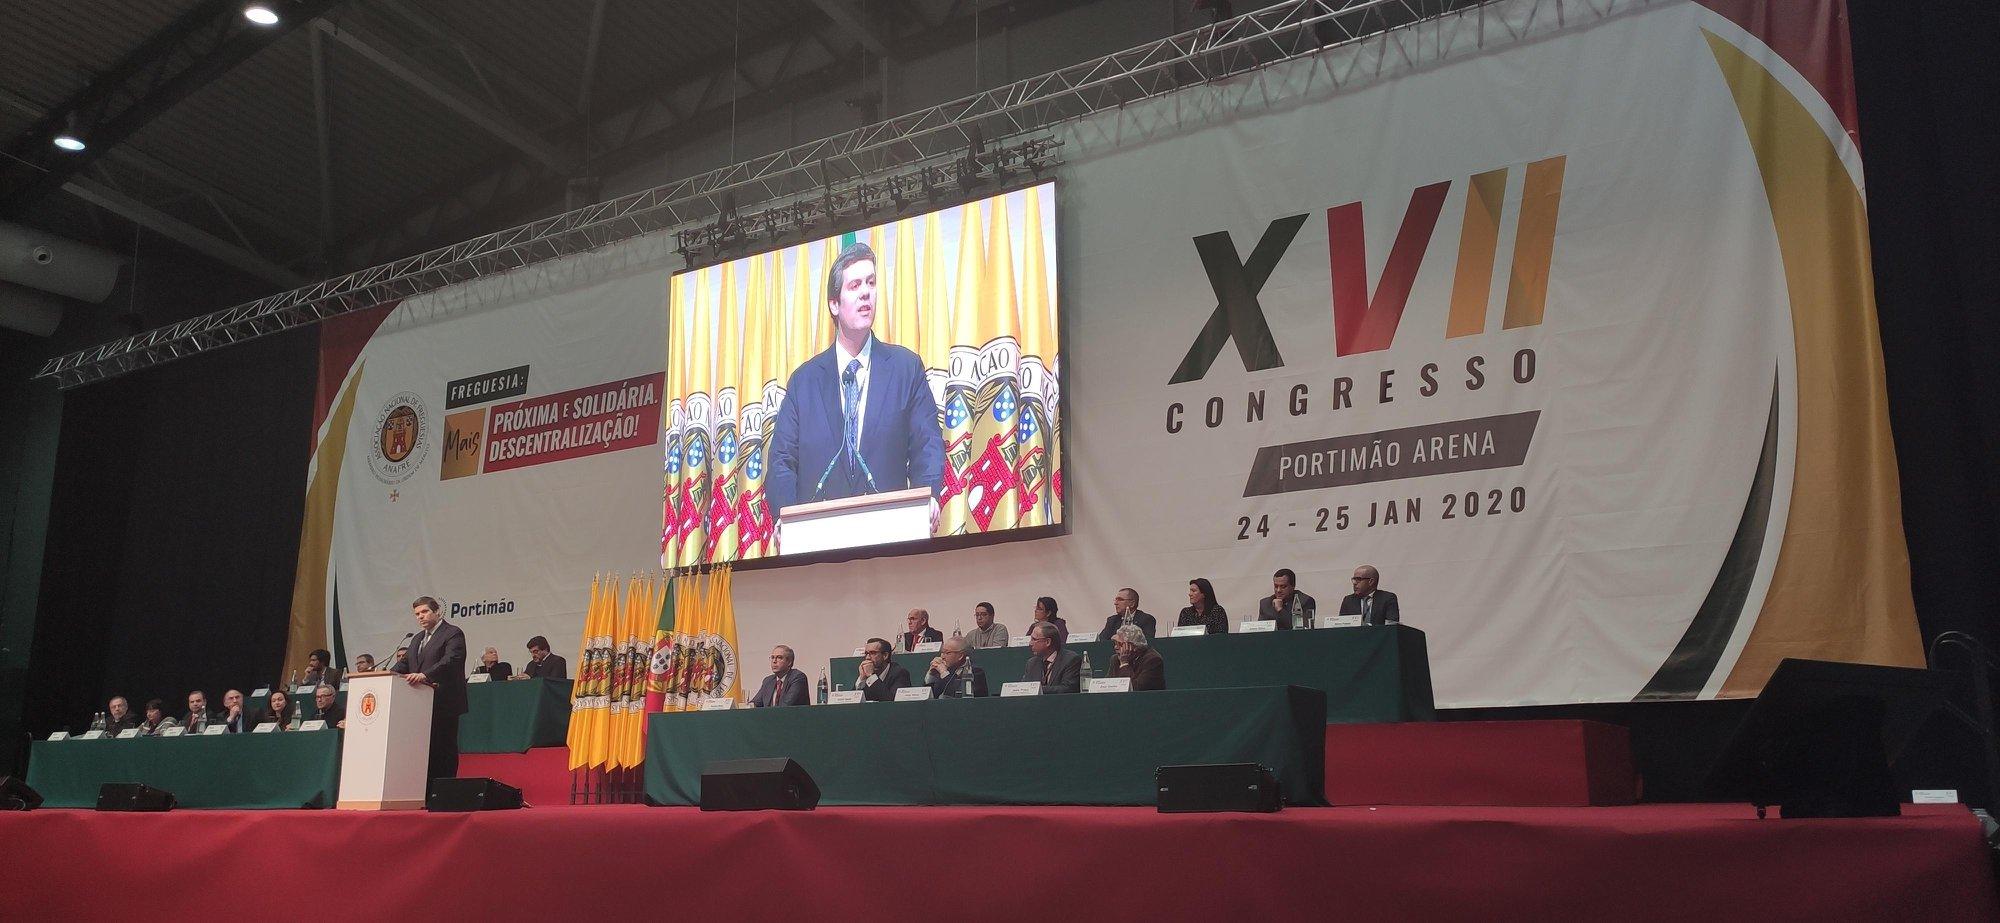 Partidos, Plataforma Nacional e ANAFRE querem reposição das freguesias